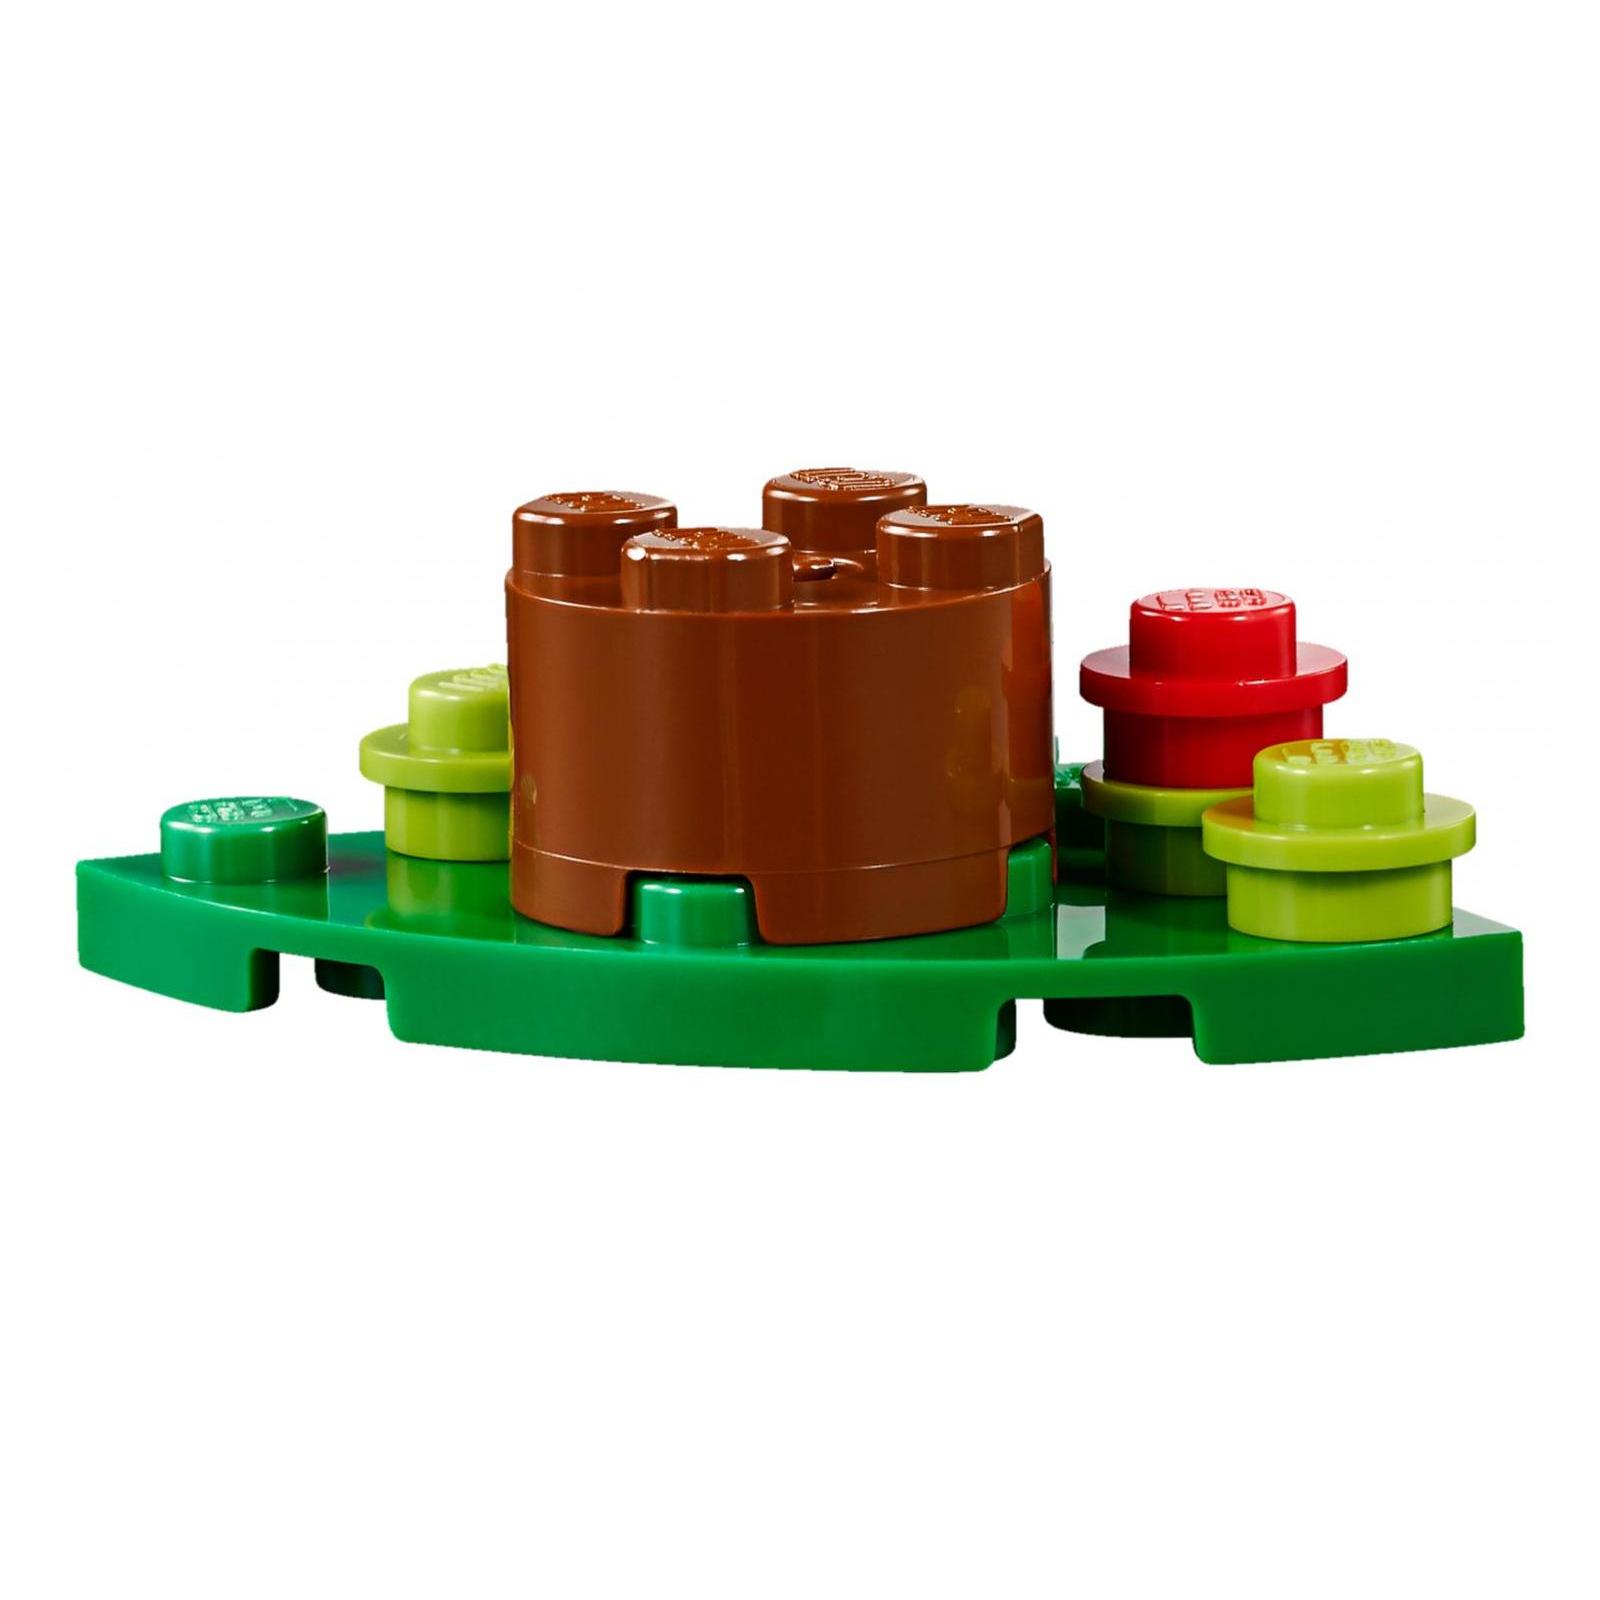 Конструктор LEGO Creator Приключения в глуши (31075) изображение 7